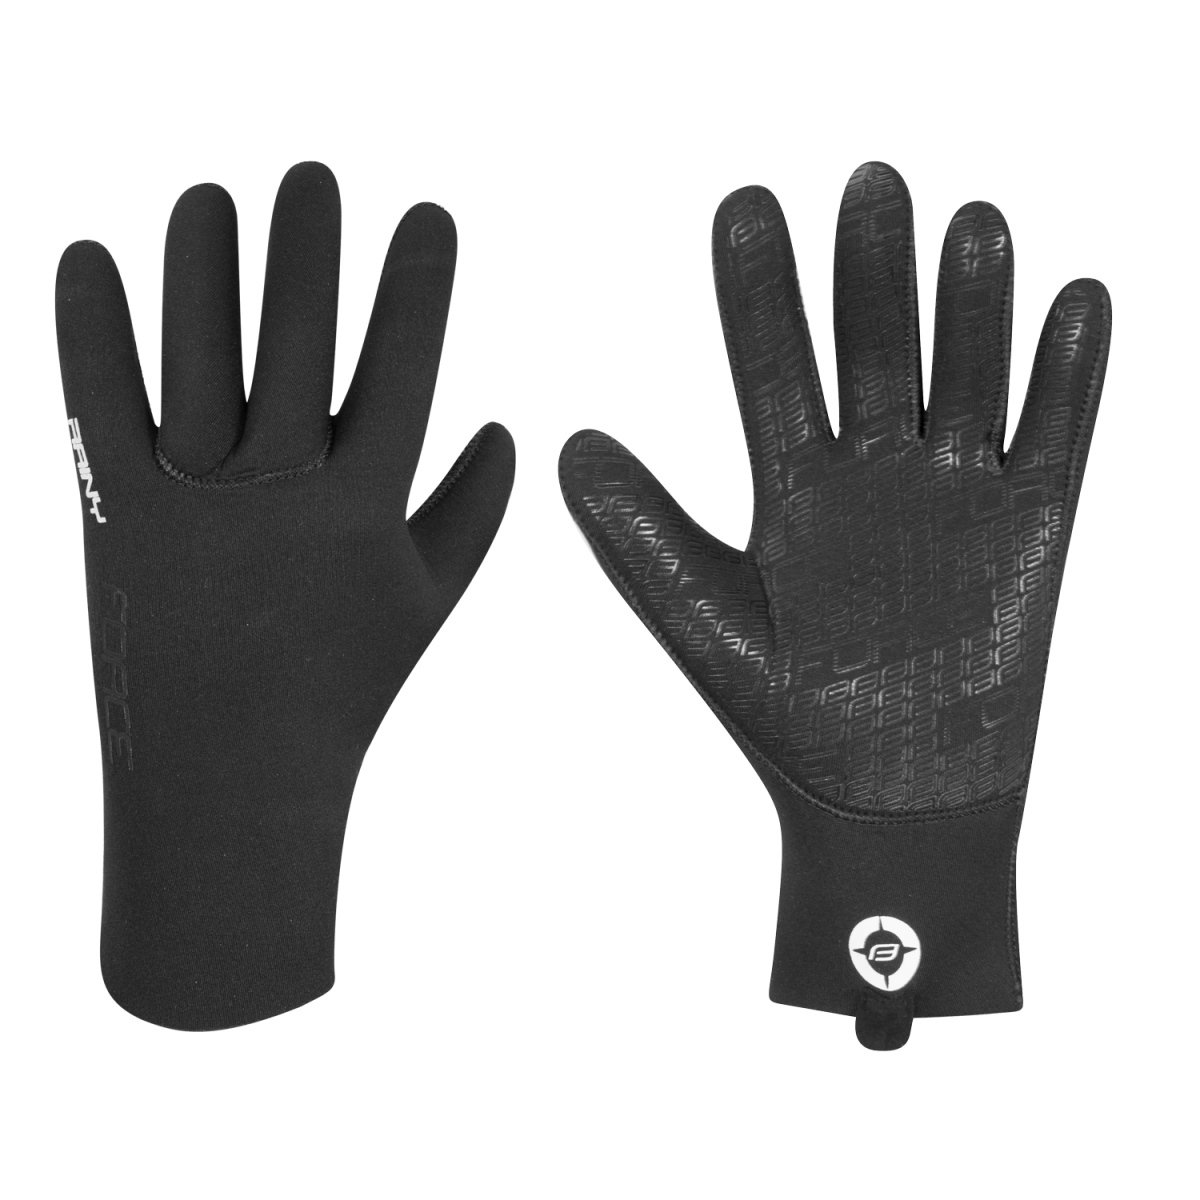 Force Rainy Handsker sort | Handsker